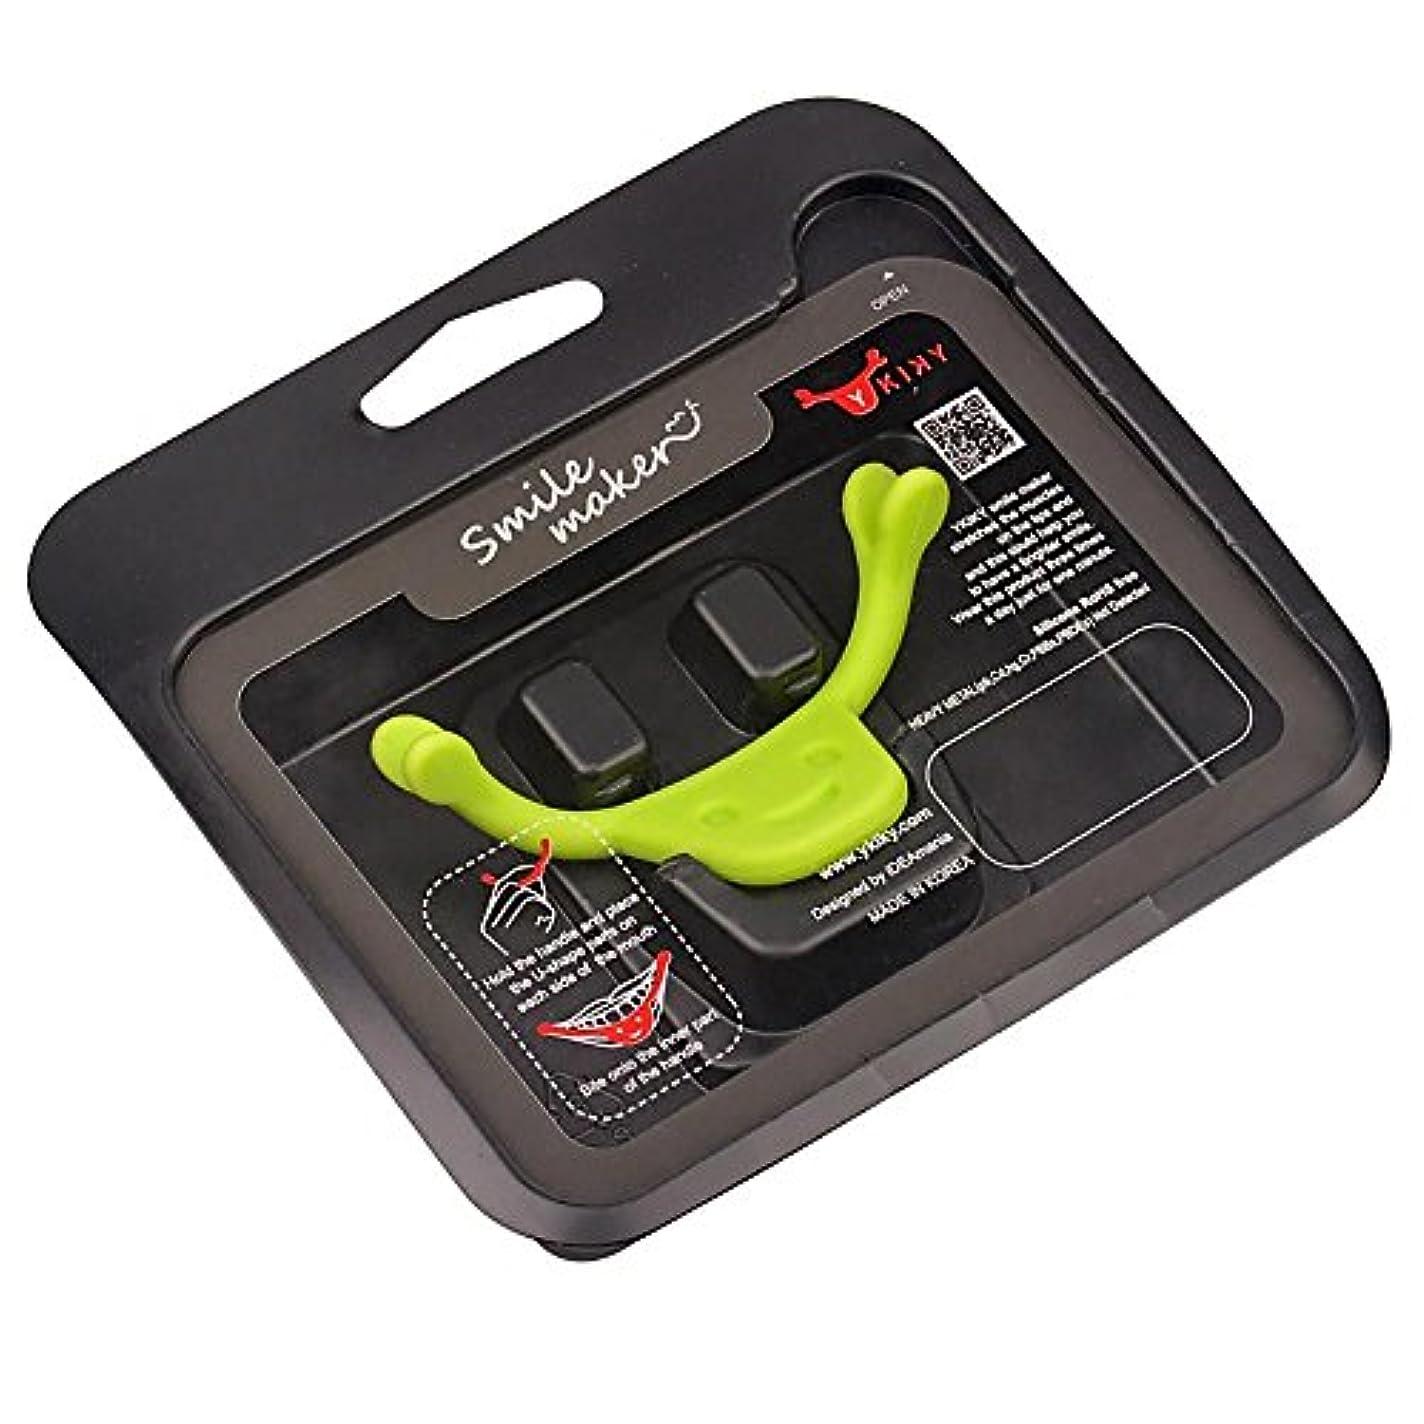 口のチーク筋肉ブレーストレーニング フェイスパーソナル 笑顔メーカー スマイル修正 グリーン 5pcs